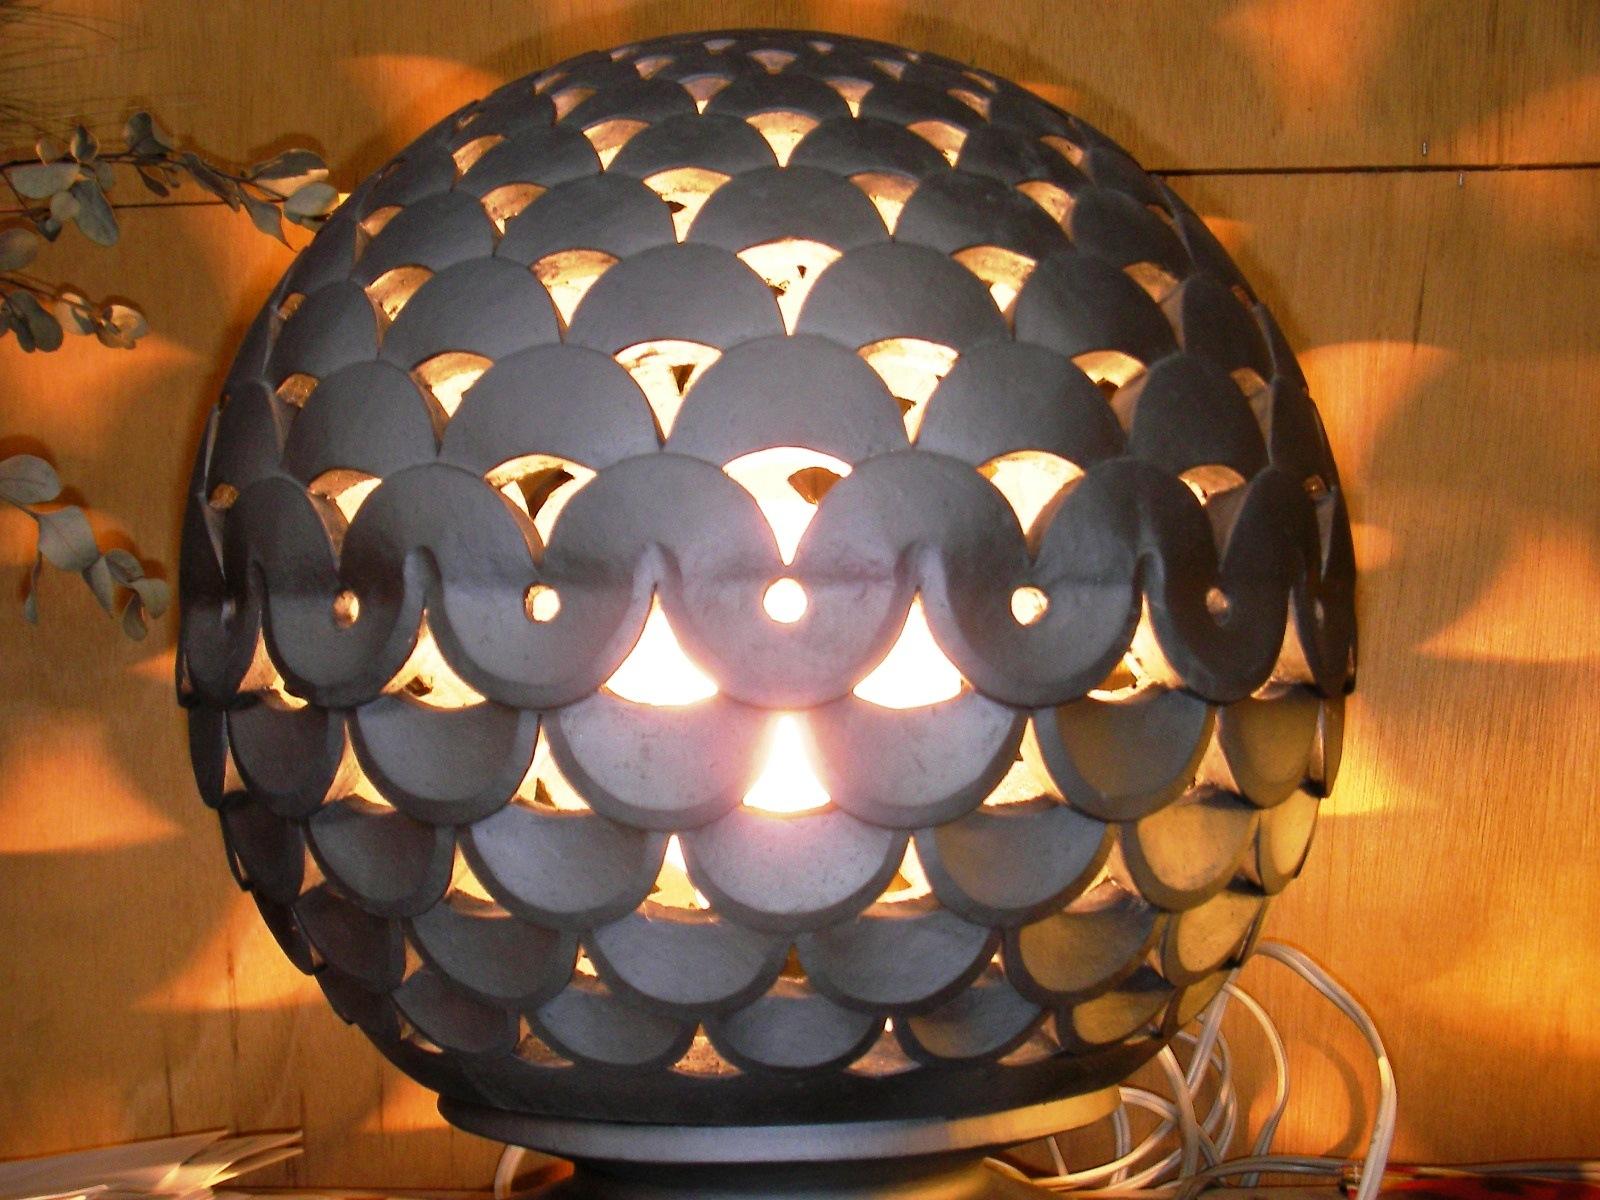 瓦を使った新製品も色々と開発している:照明器具になる瓦